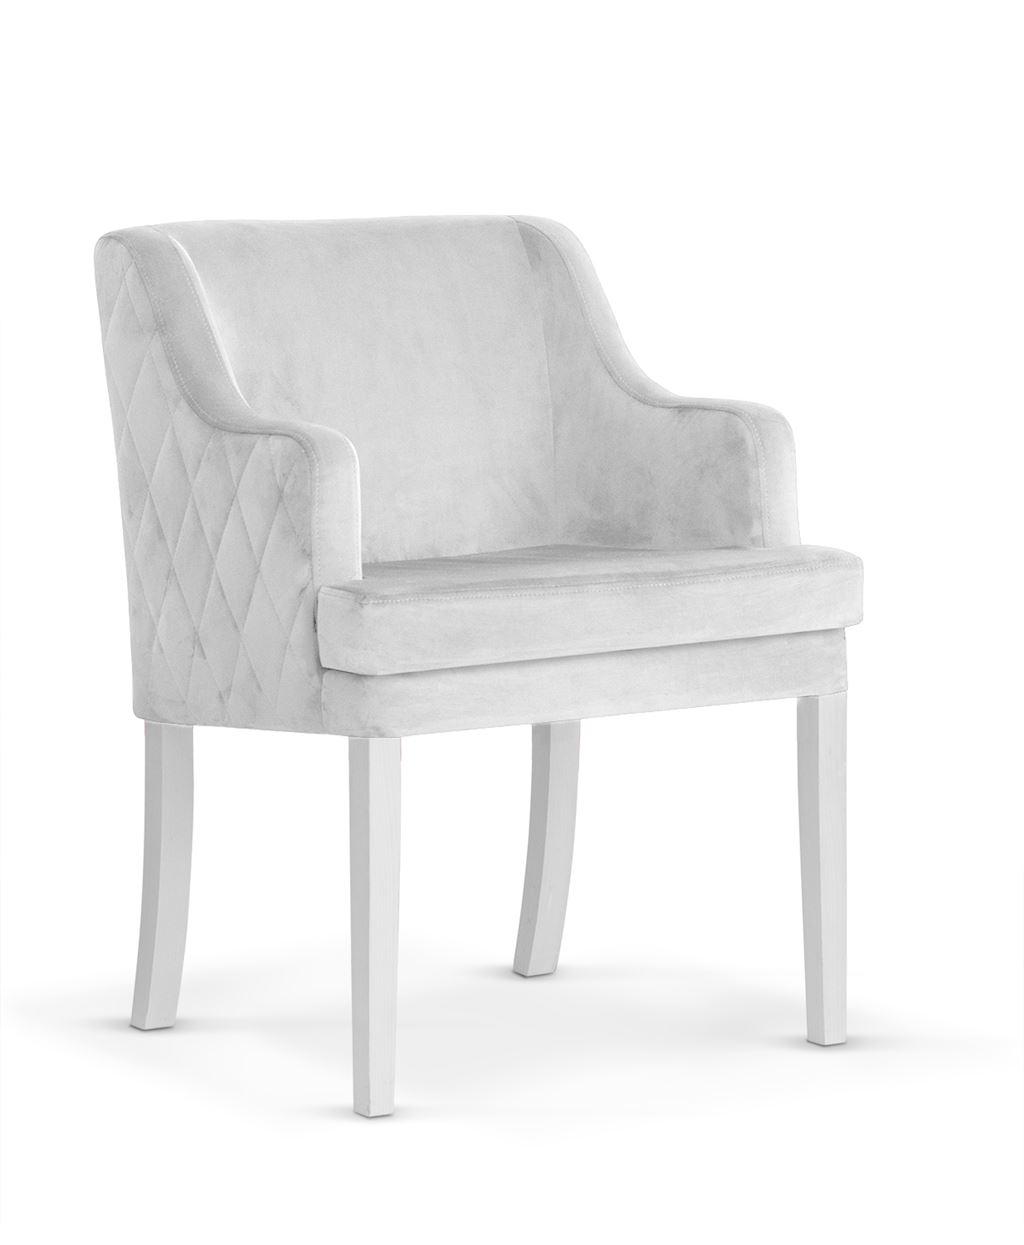 Fotoliu fix tapitat cu stofa, cu picioare din lemn Grand Silver / White, l58xA60xH89 cm imagine